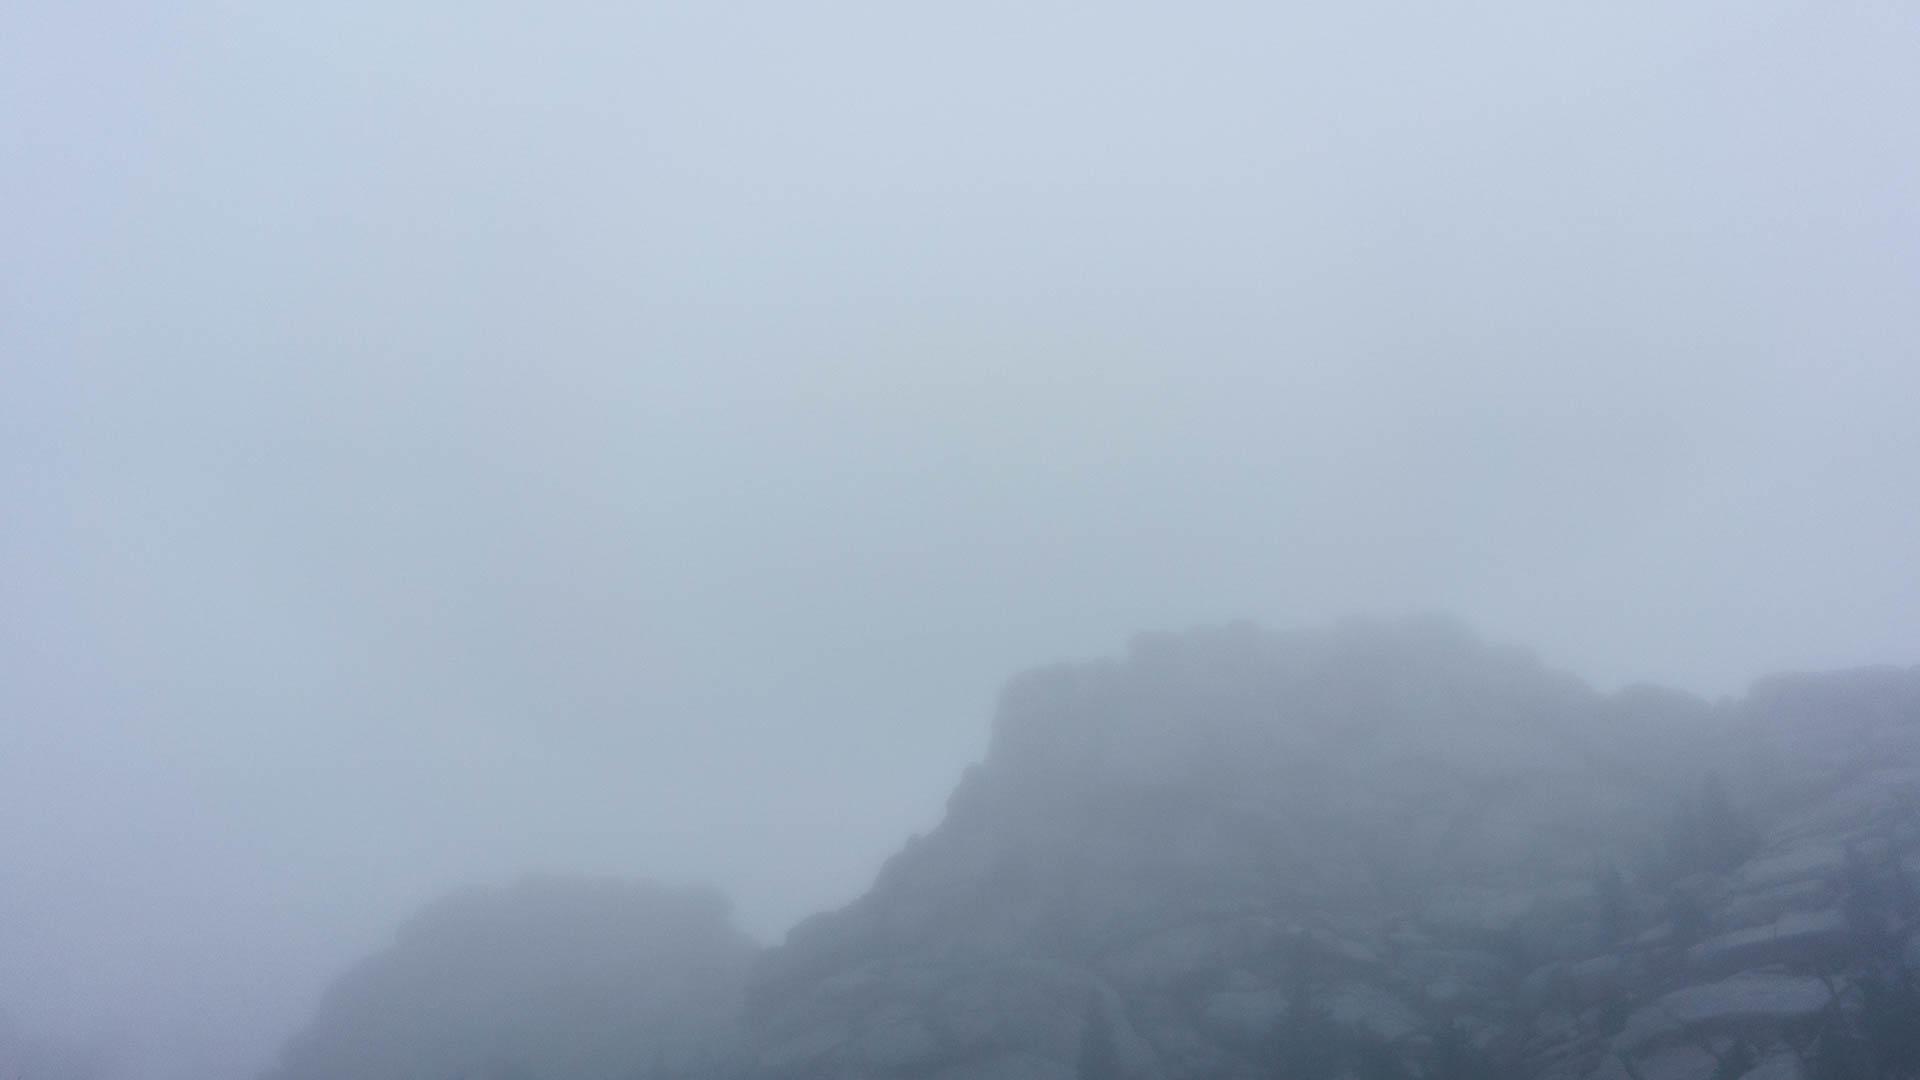 Vedauwoo, fogged